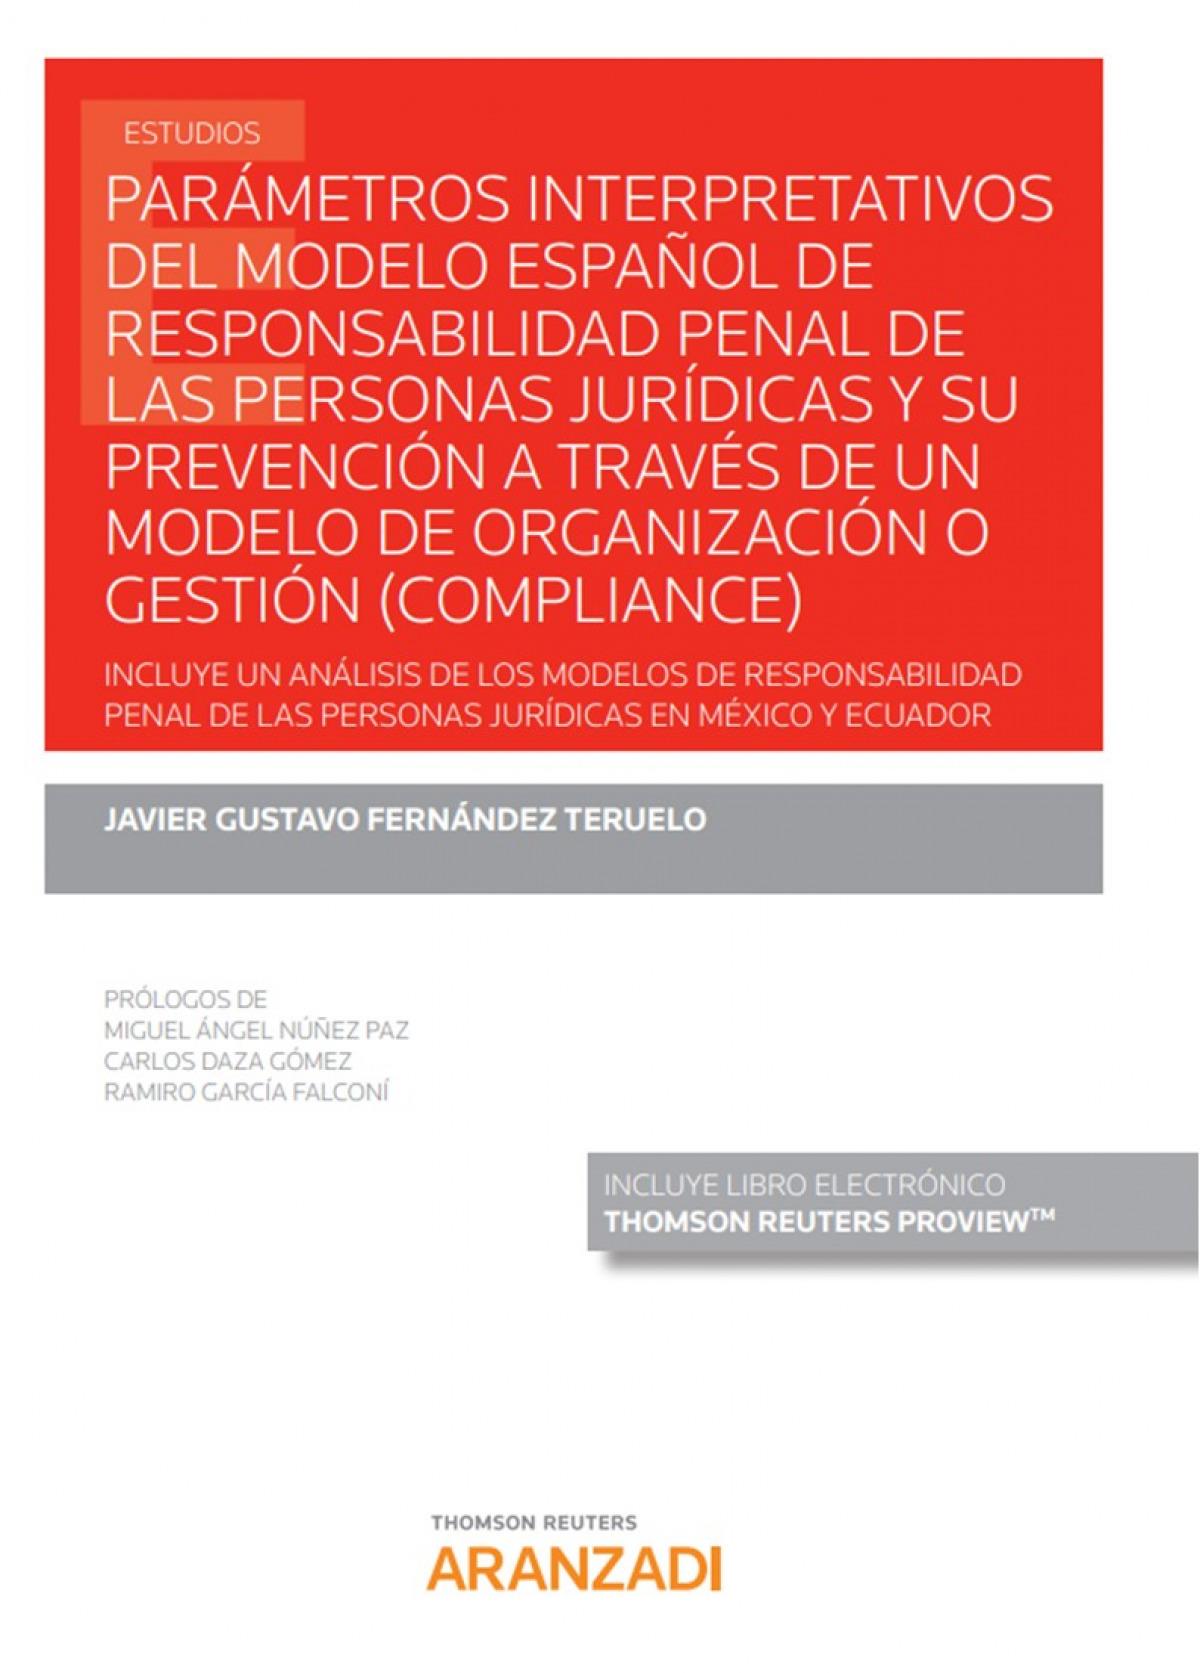 Parámetros interpretativos del modelo español de responsabilidad penal de las pe